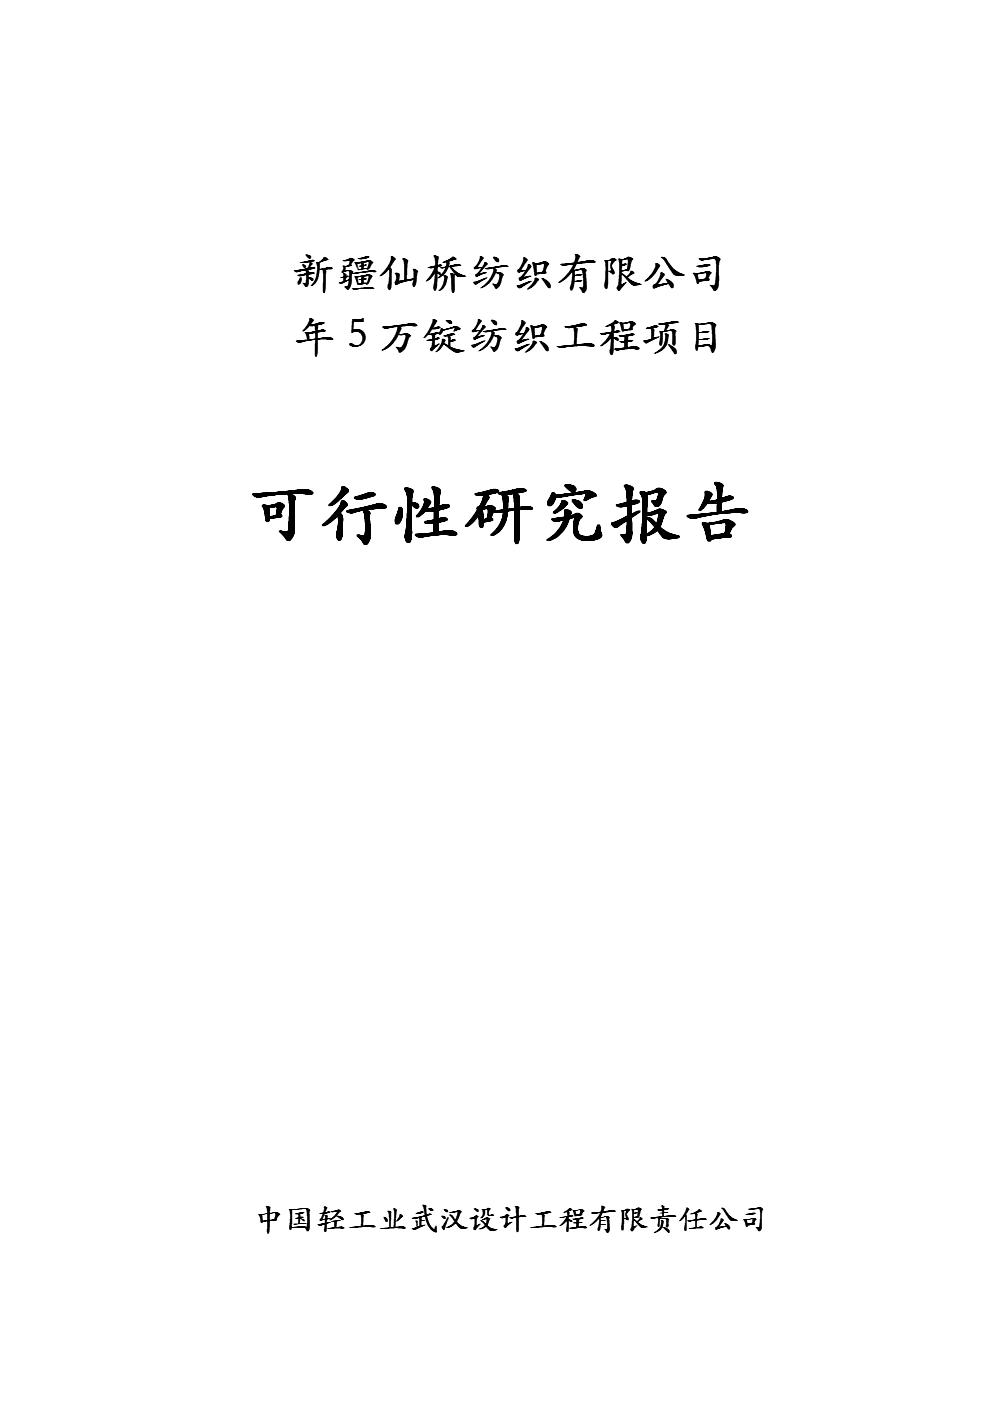 仙桥纺织有限公司年5万锭纺织工程项目可行性研究报告.doc